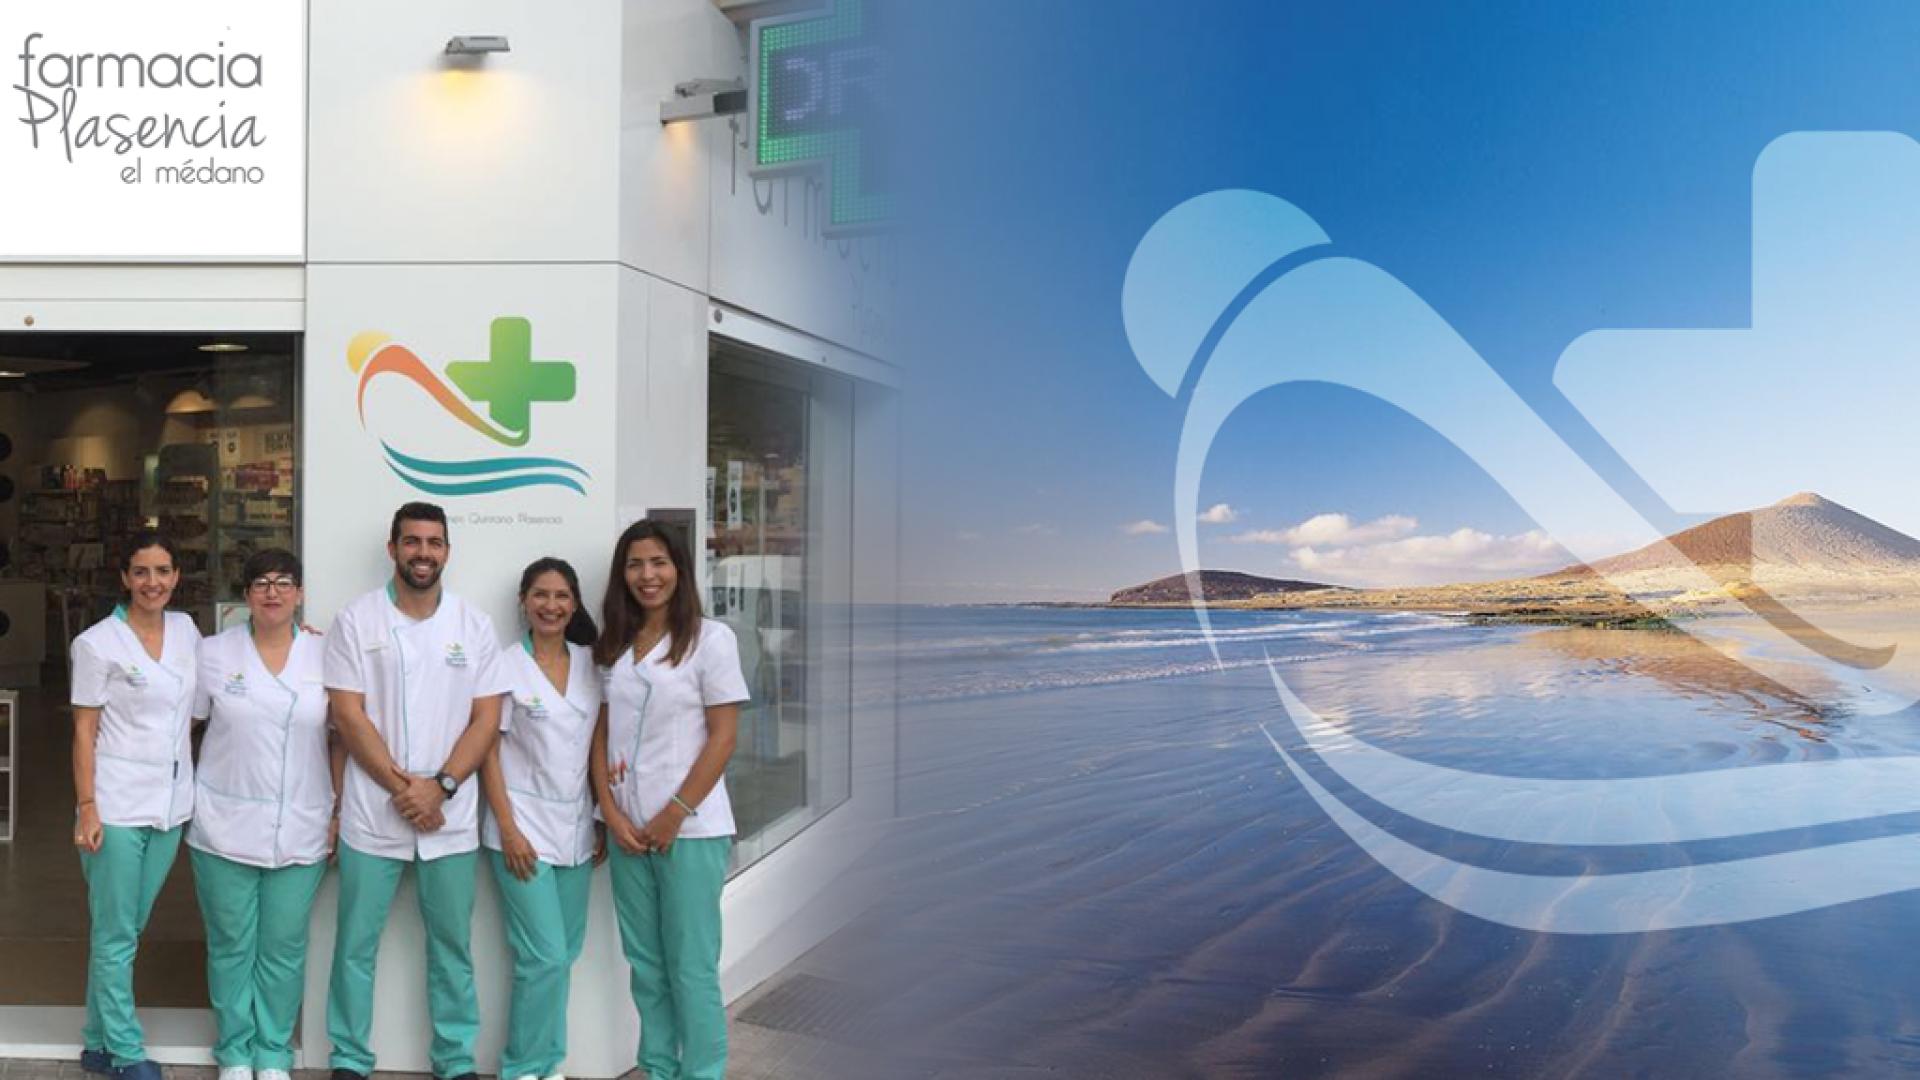 Farmacia Plasencia. El Médano